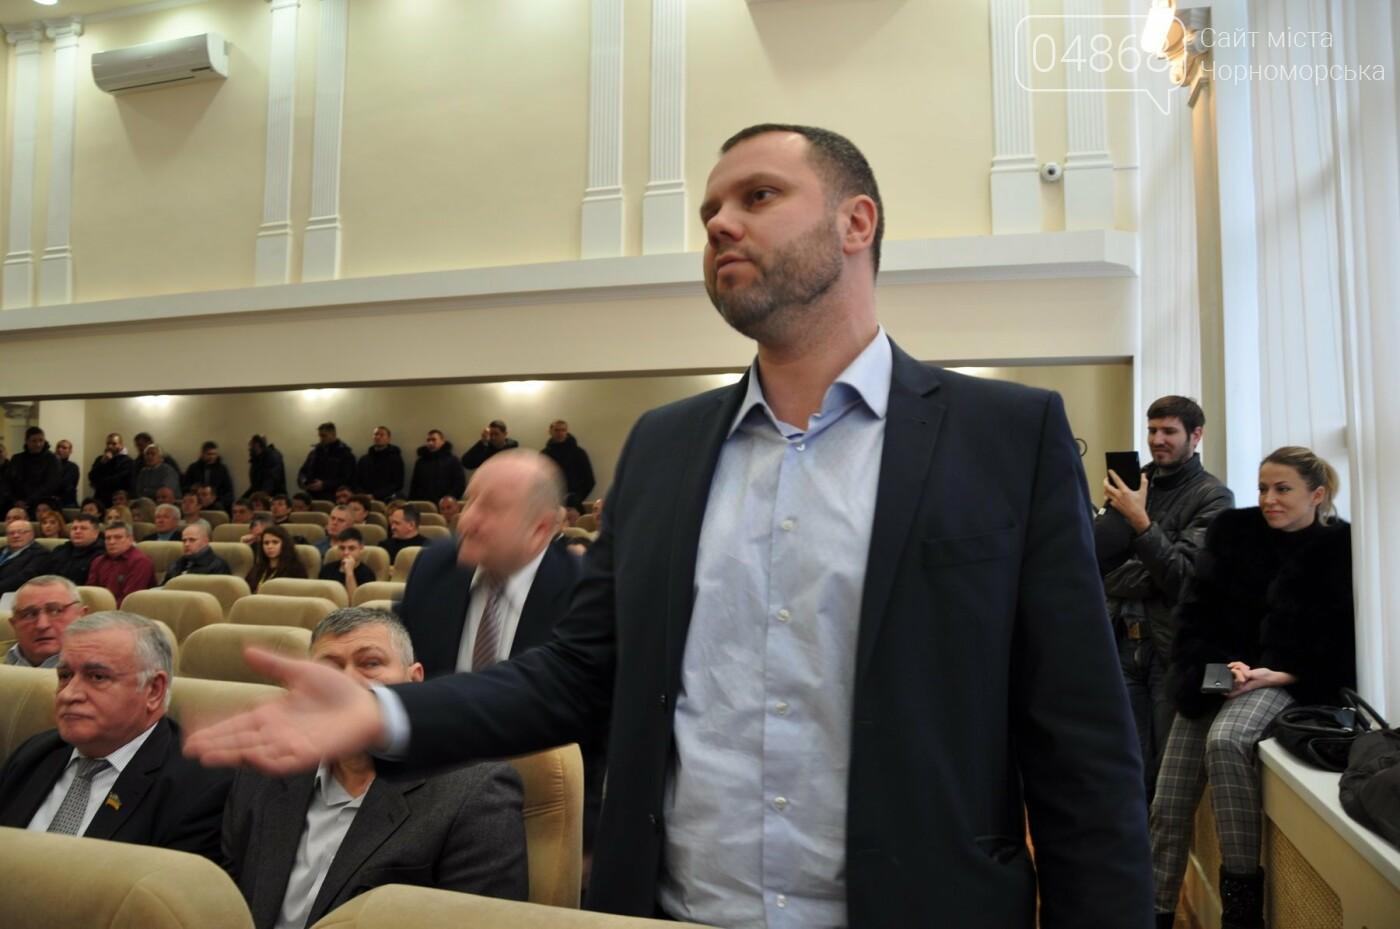 Кто куда: изменения в составе депутатских комиссий. Такого в Черноморске ещё не было!, фото-2